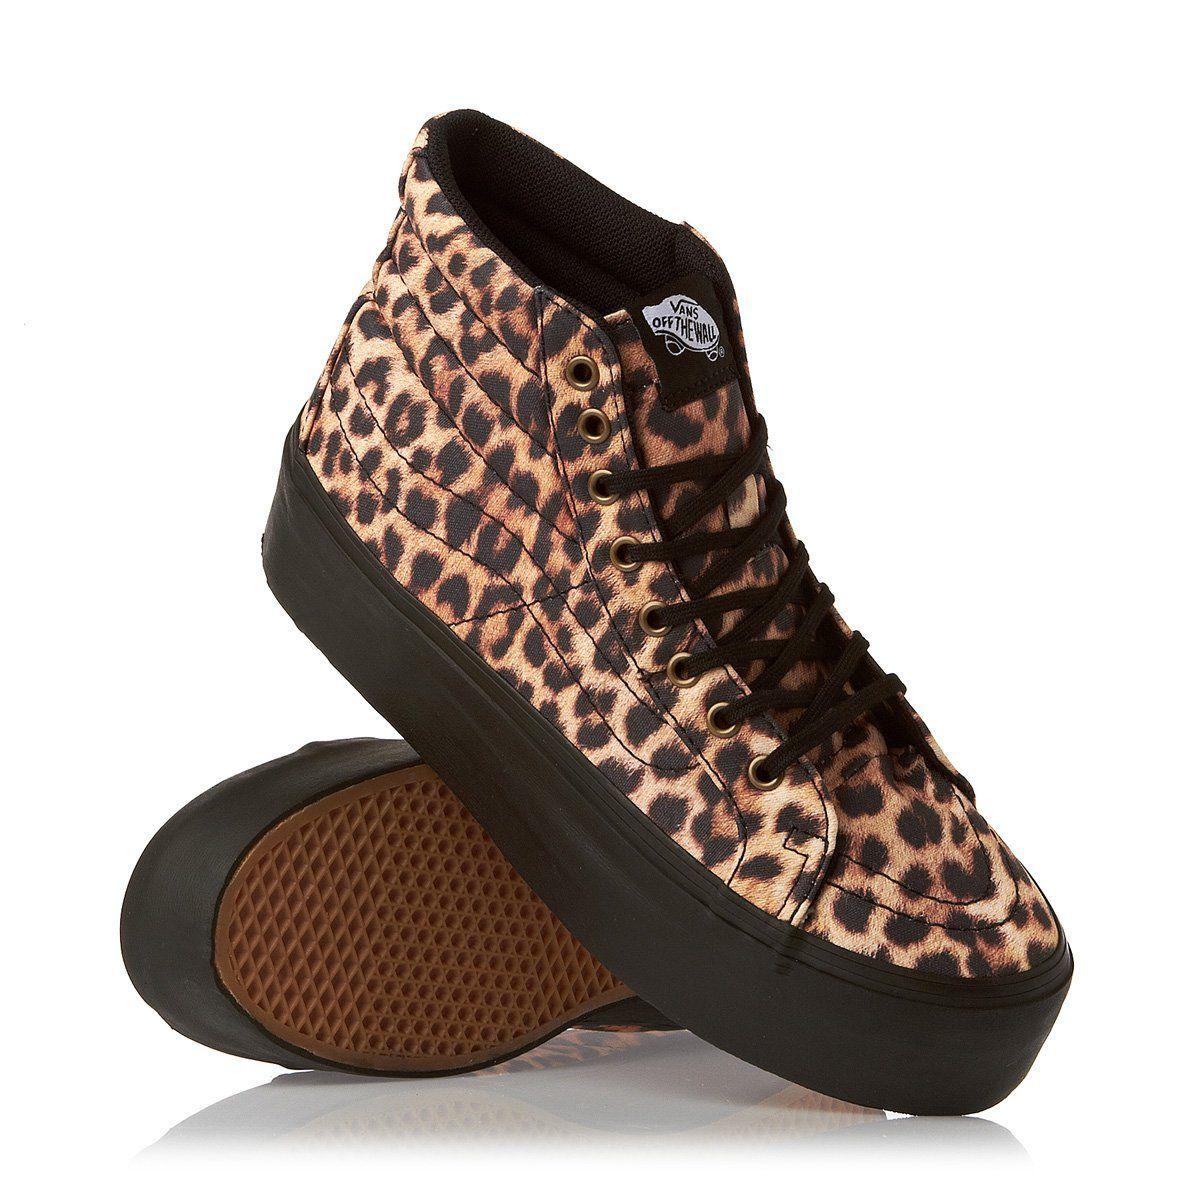 Vans Footwear Sk8 Hi Platform Sneaker Black Leopard Print